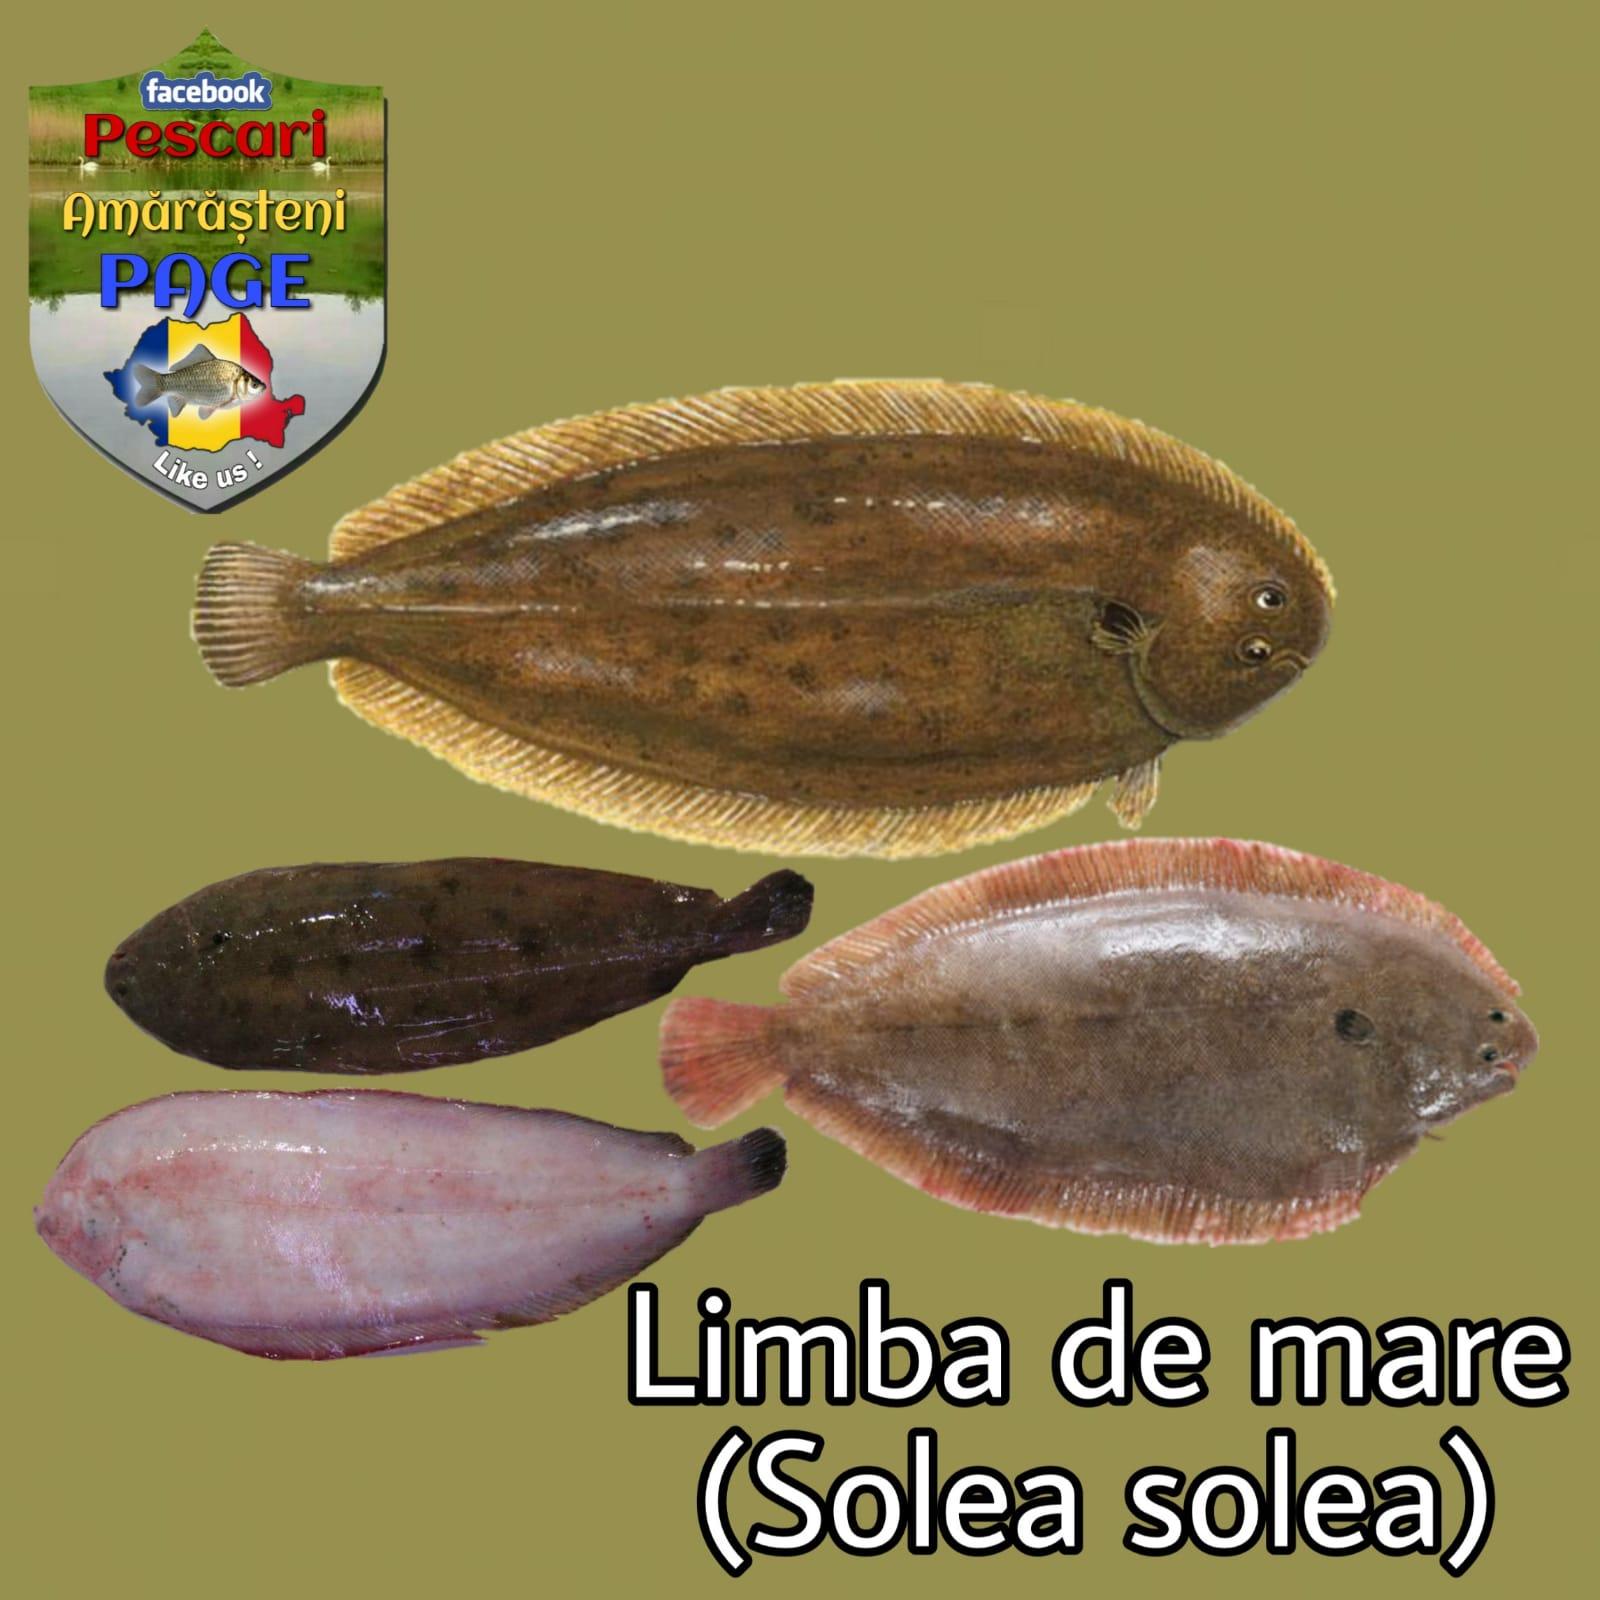 Limba de mare (Solea solea Linnaeus -1758)